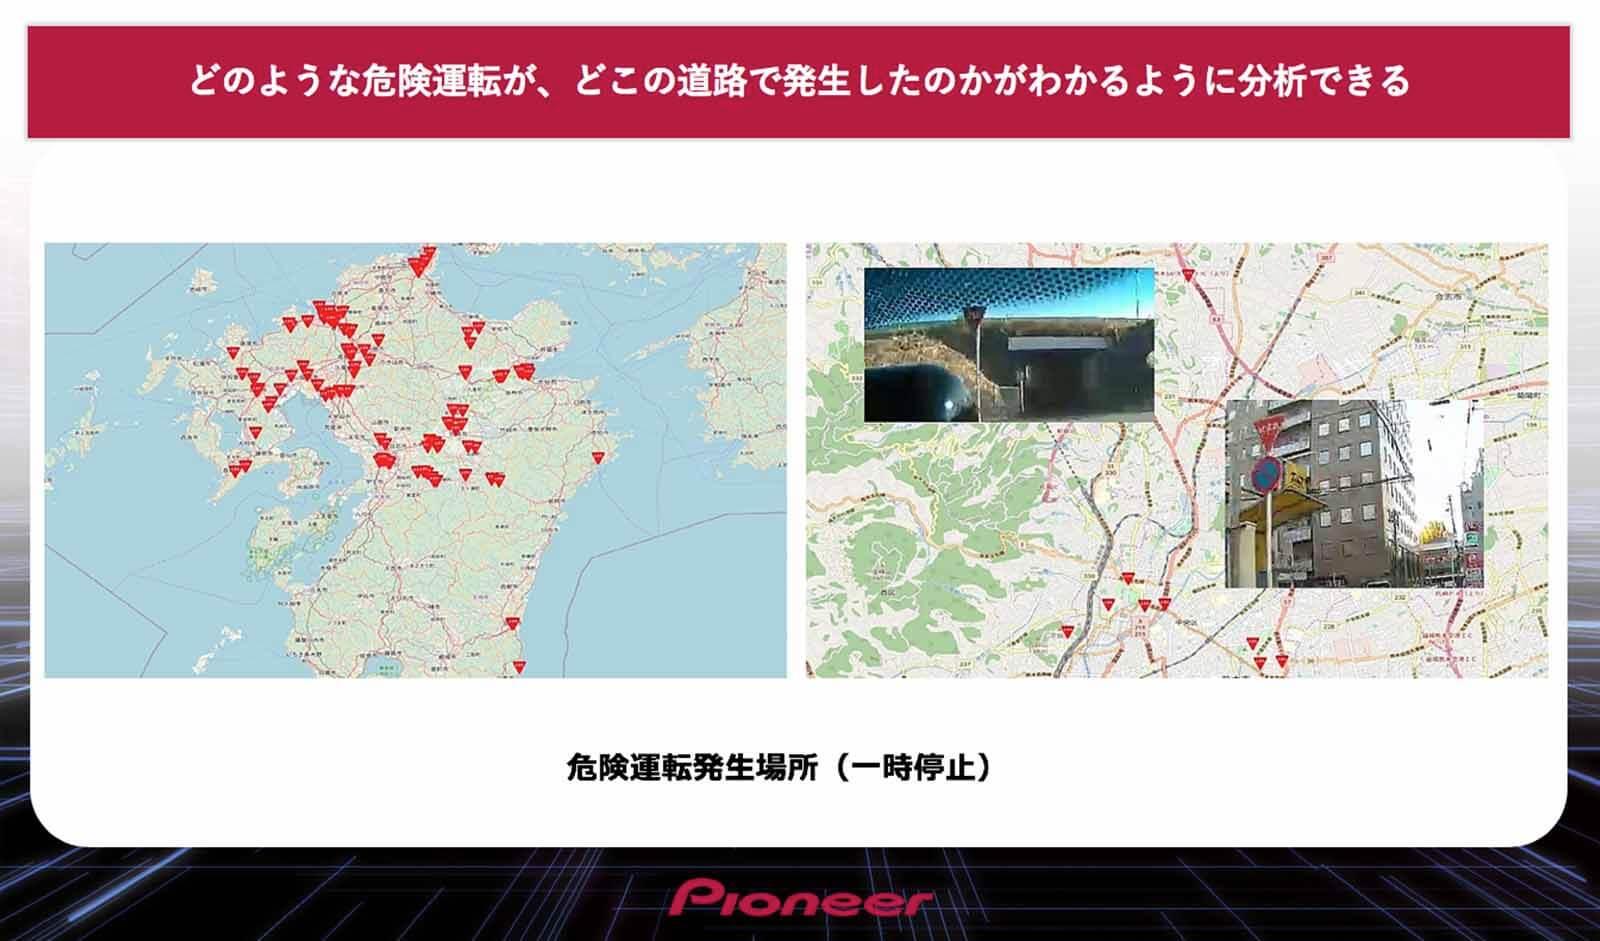 pioneer_p11_2